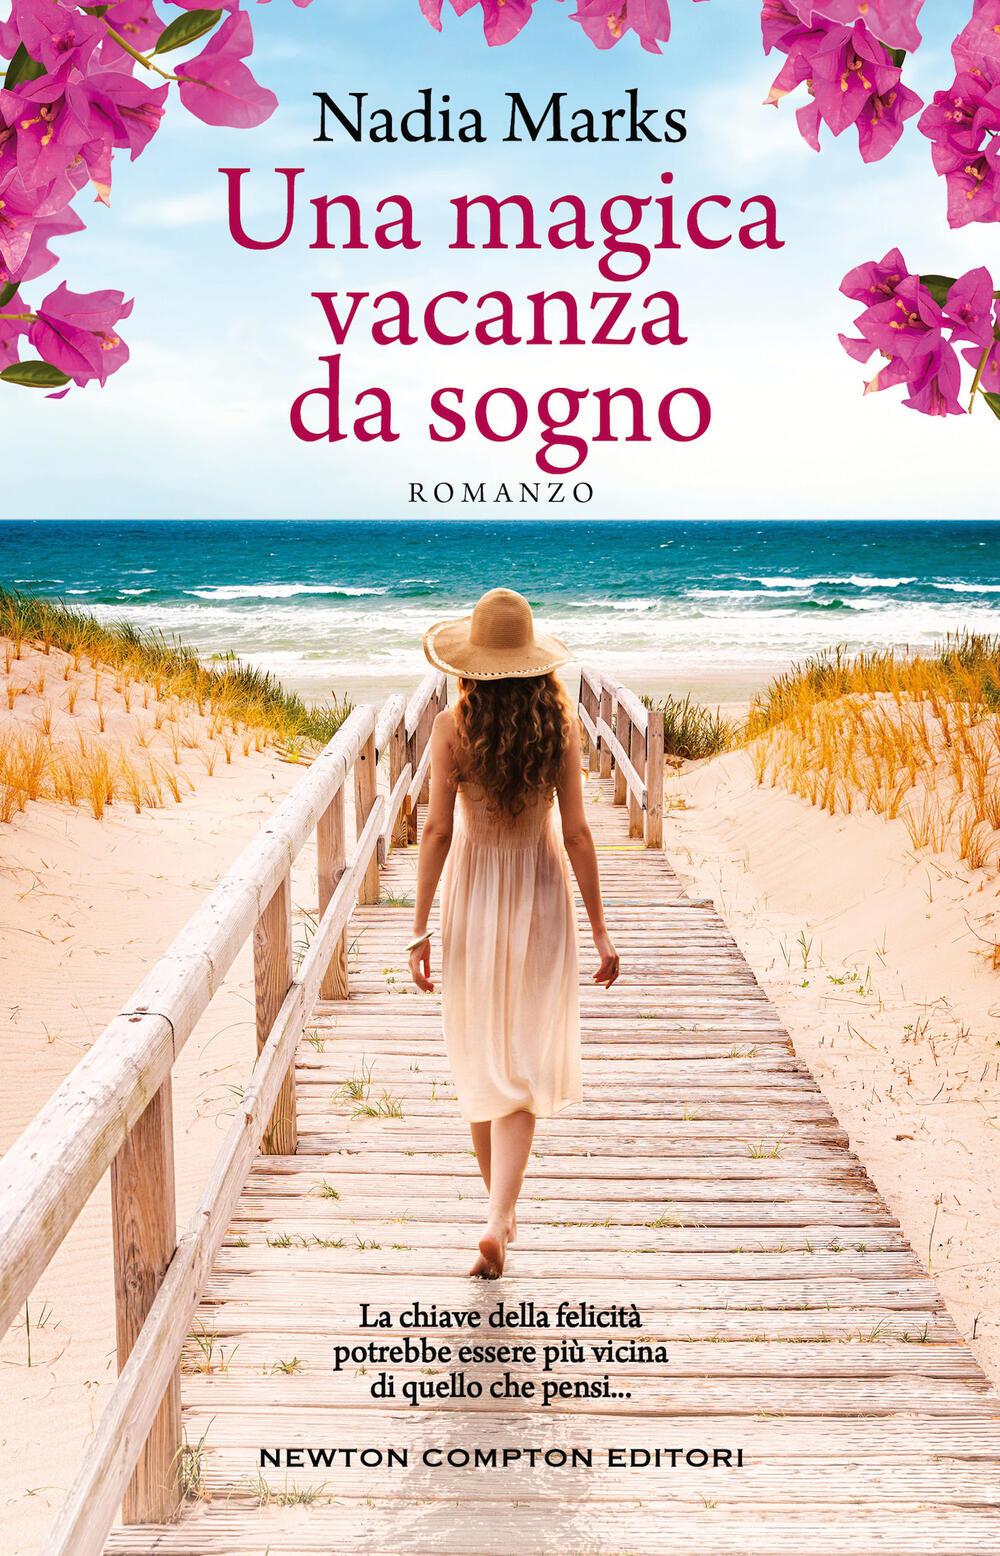 """Una magica vacanza da sogno"""" di Nadia Marks - Brossura - 3.0 - Il Libraio"""